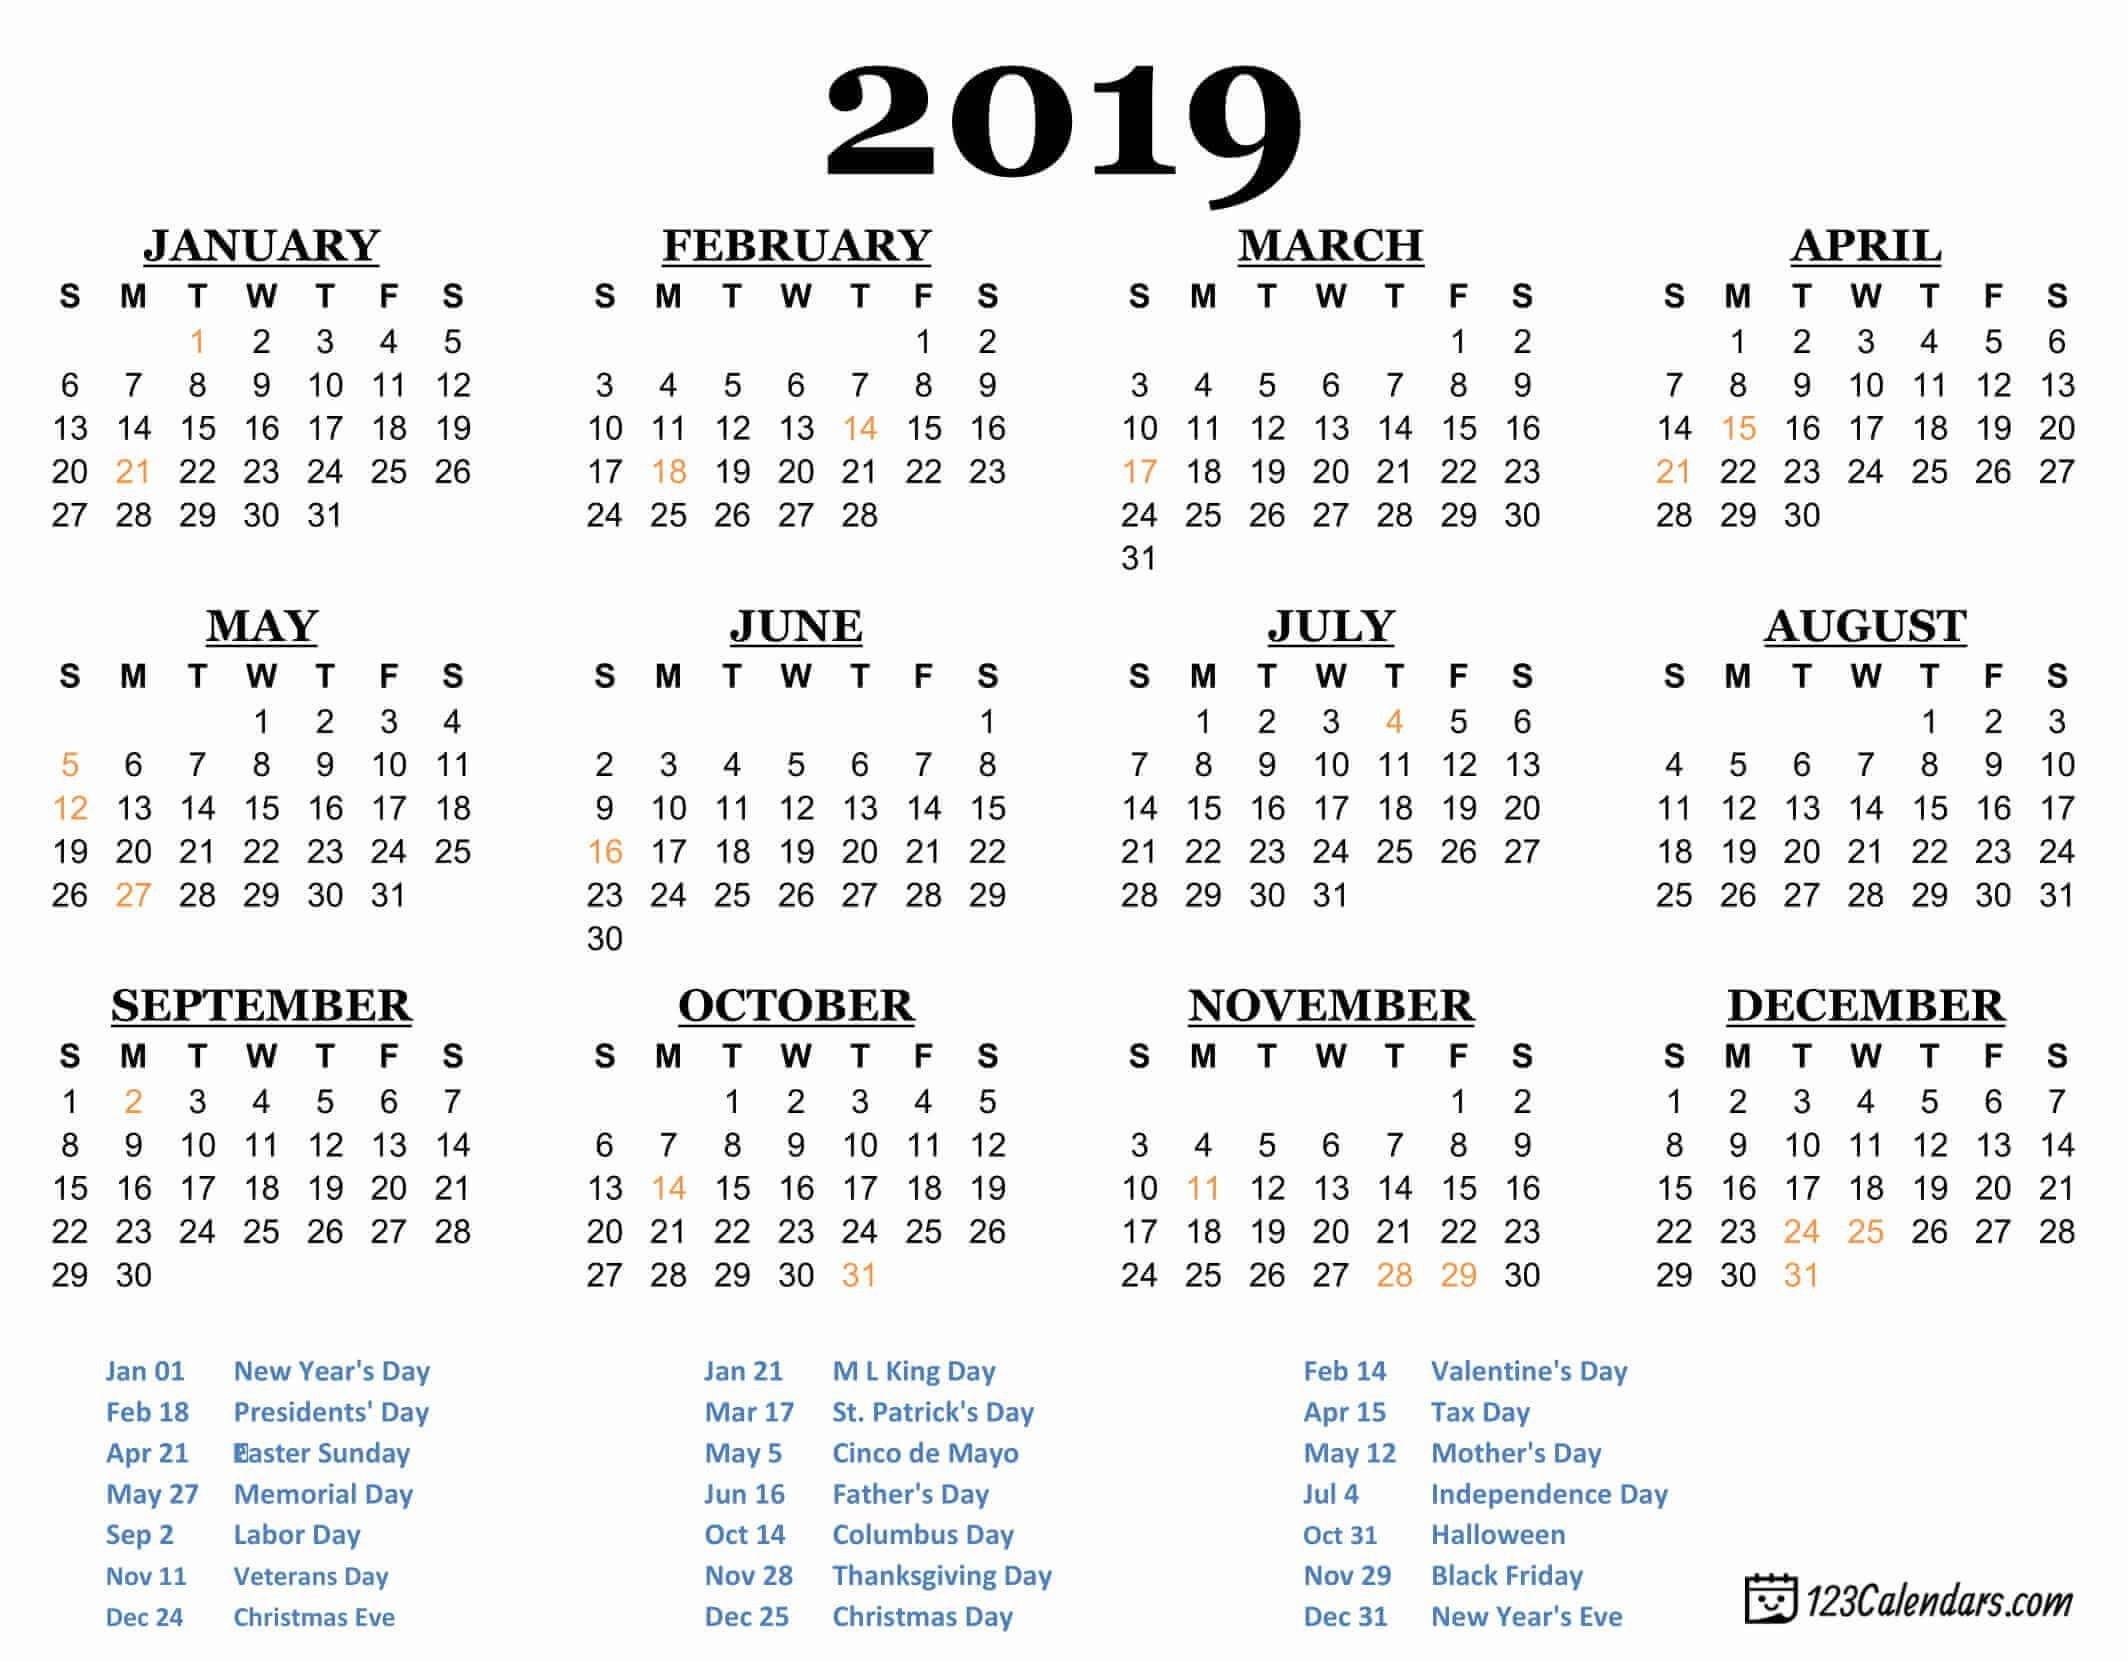 Free Printable Calendar 2019 In Pdf, Word, Excel | Printable 8 1/2 X 11 Printable May Calendar